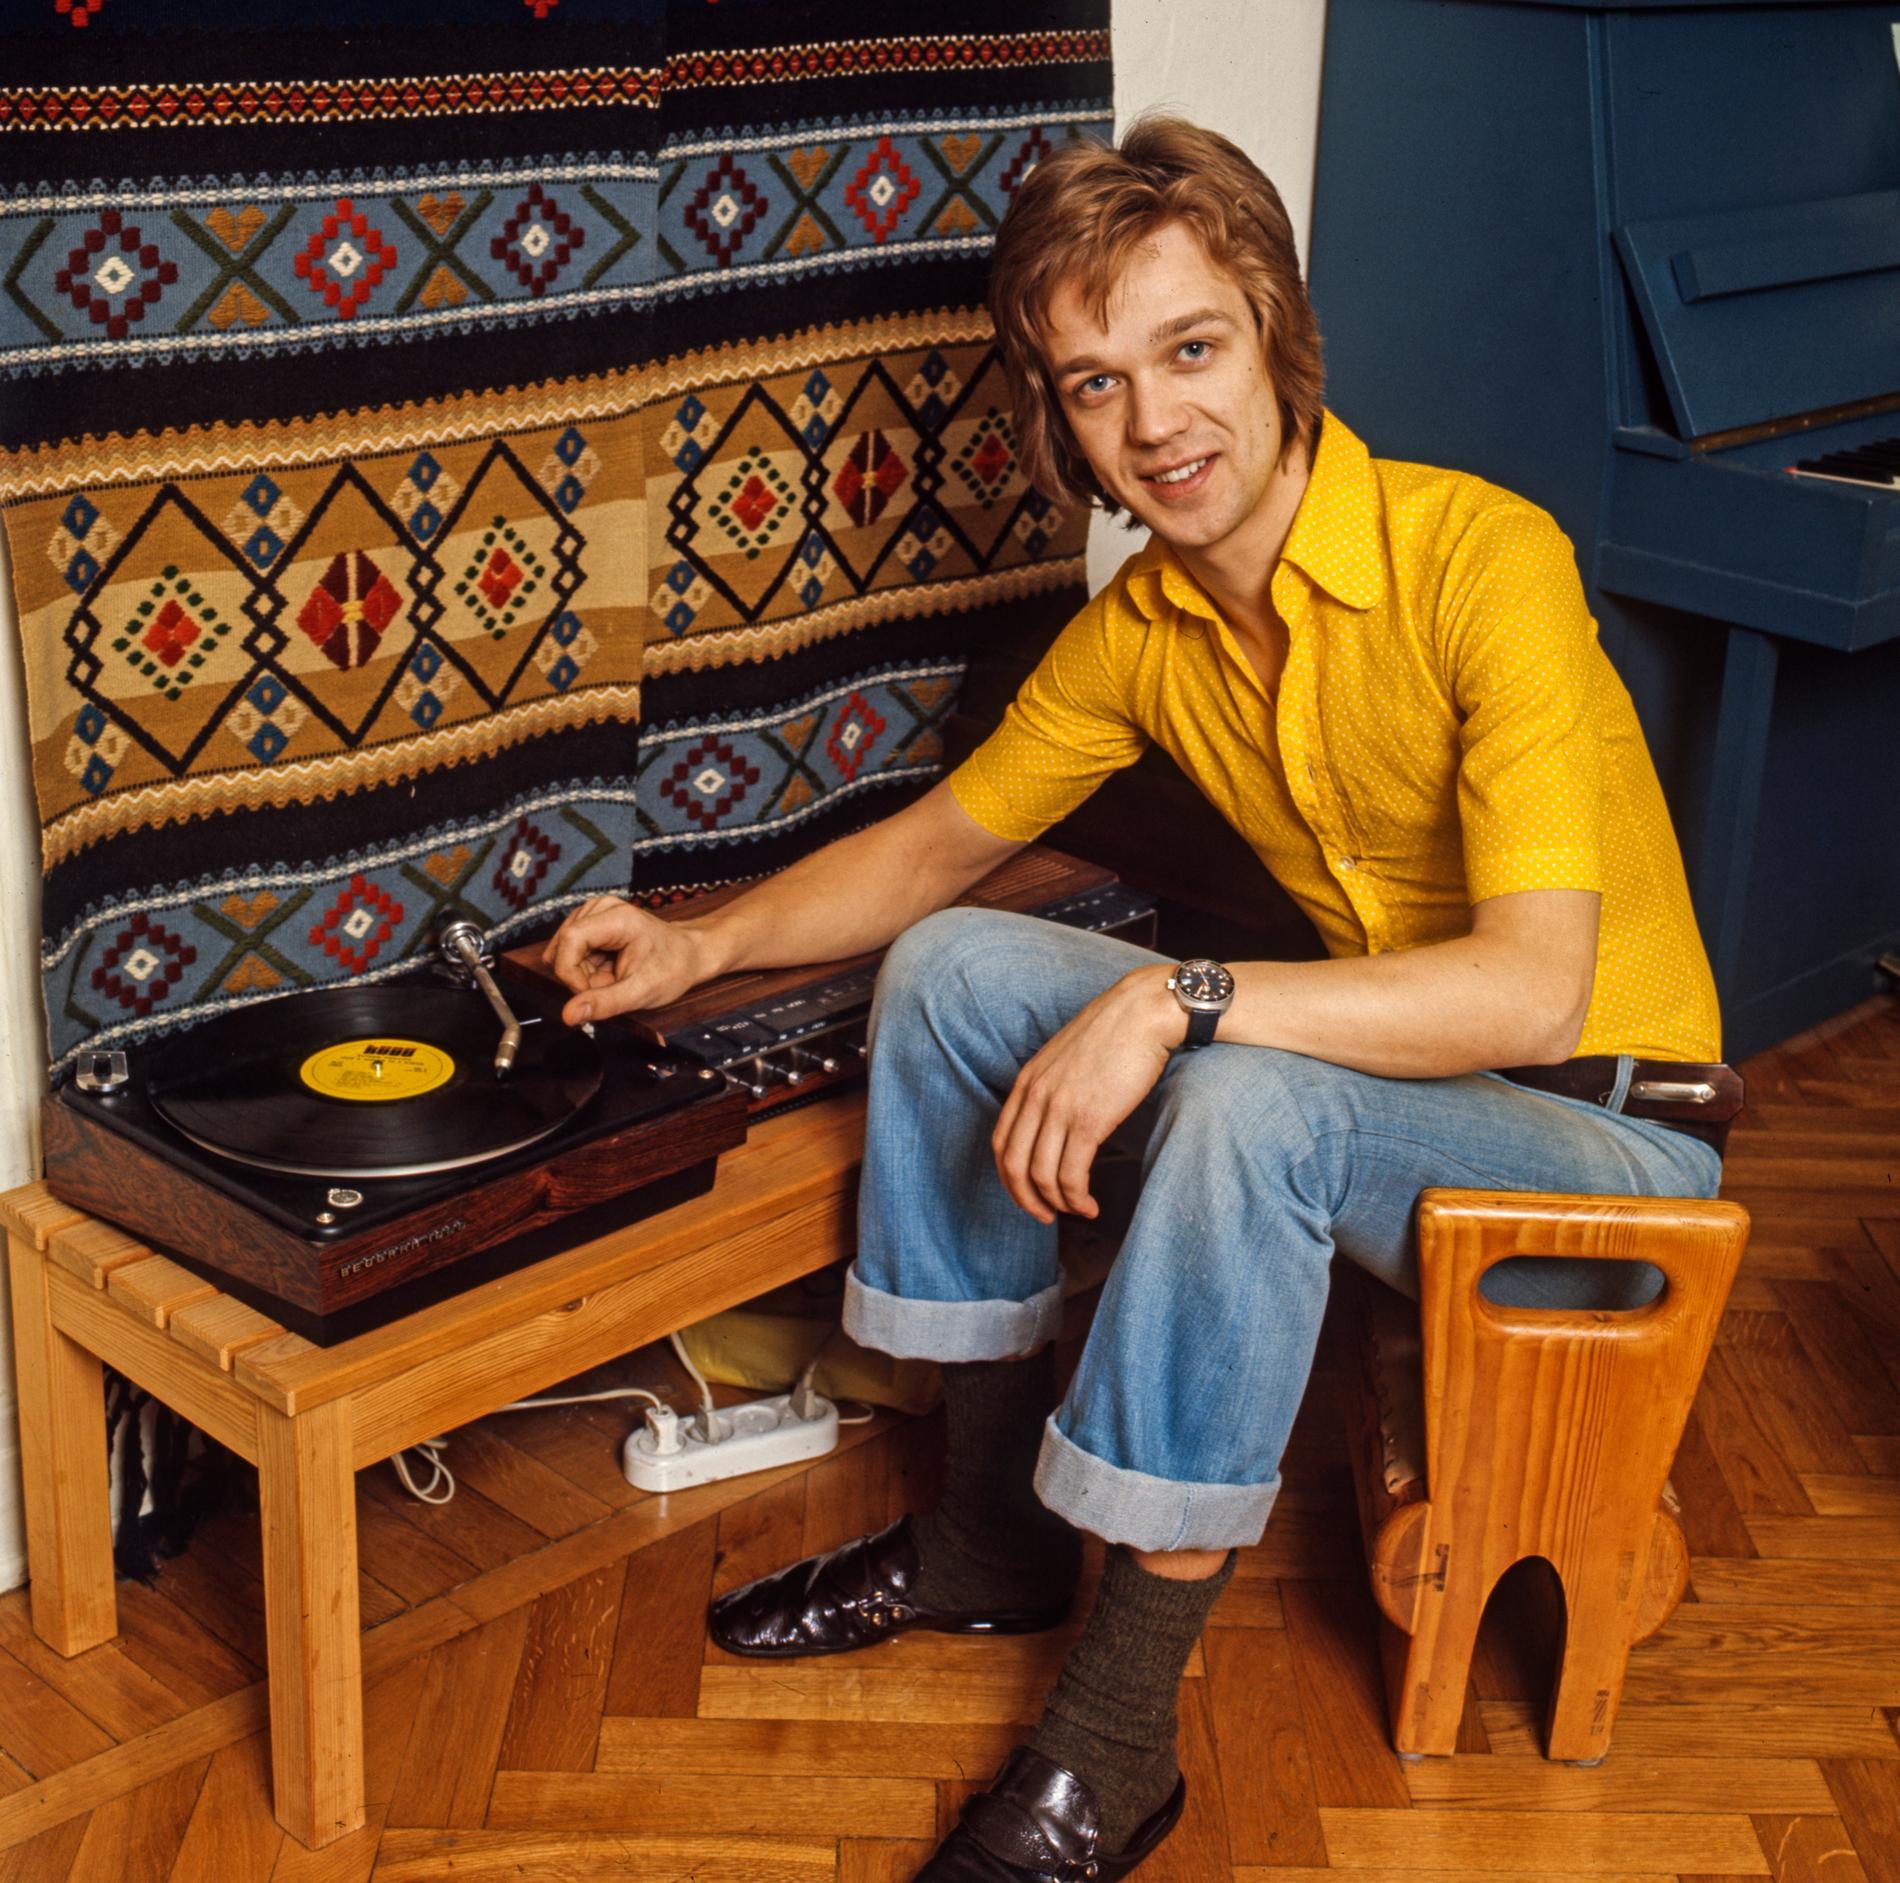 Björn Skifs sitter på en pall på parkettgolvet och spelar en vinylplatta på en grammofon hemma i vardagsrummet i Stockholm 1973.